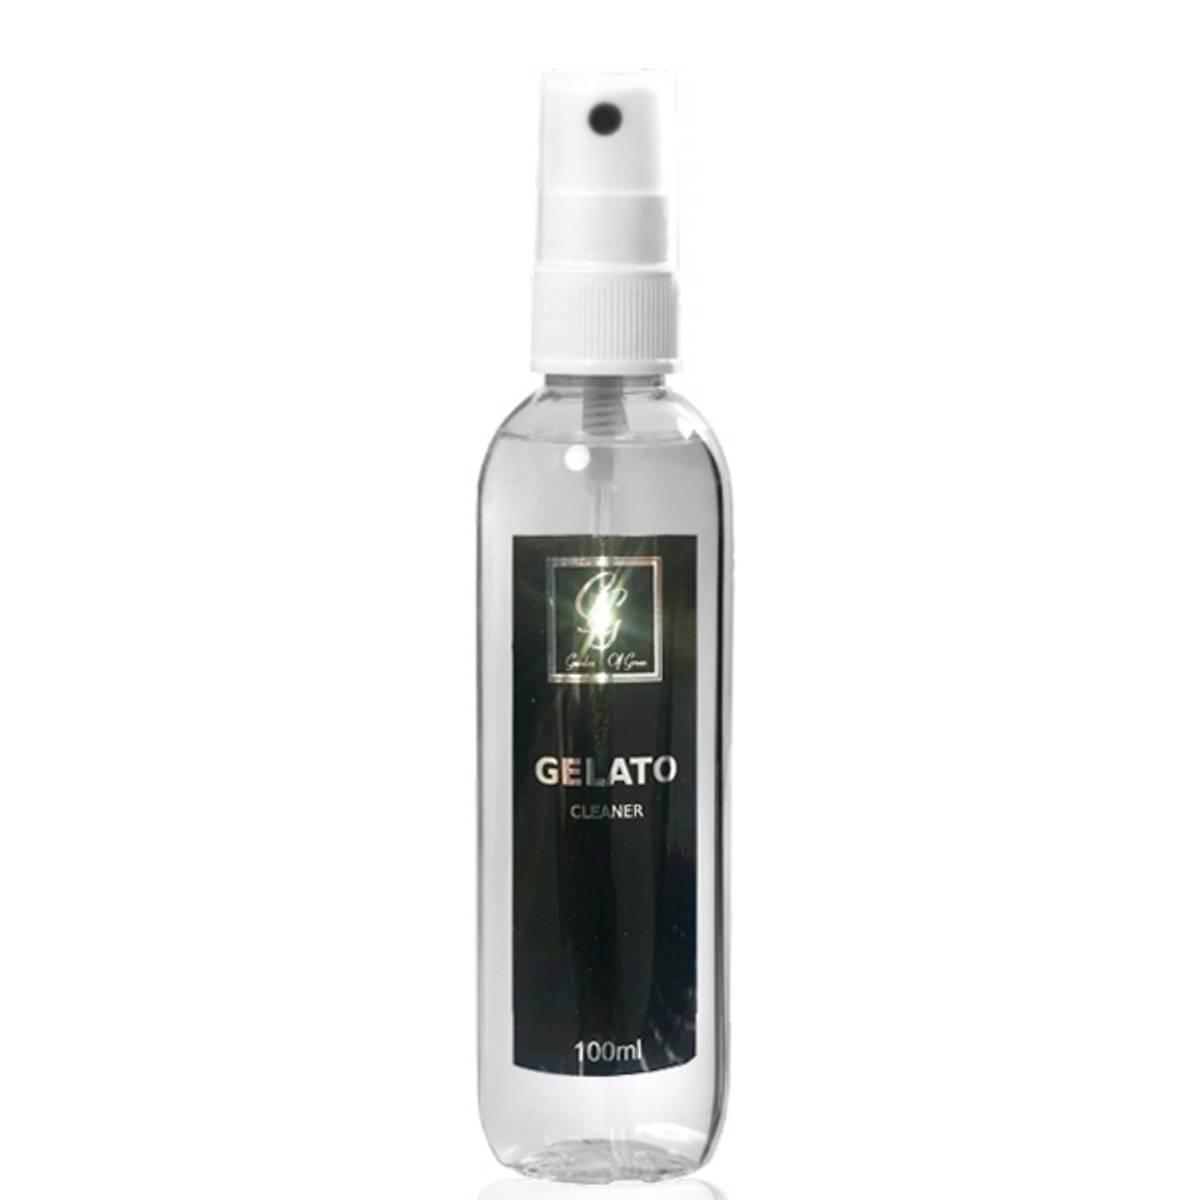 Cleaner - Gelato 100ml m/ spray